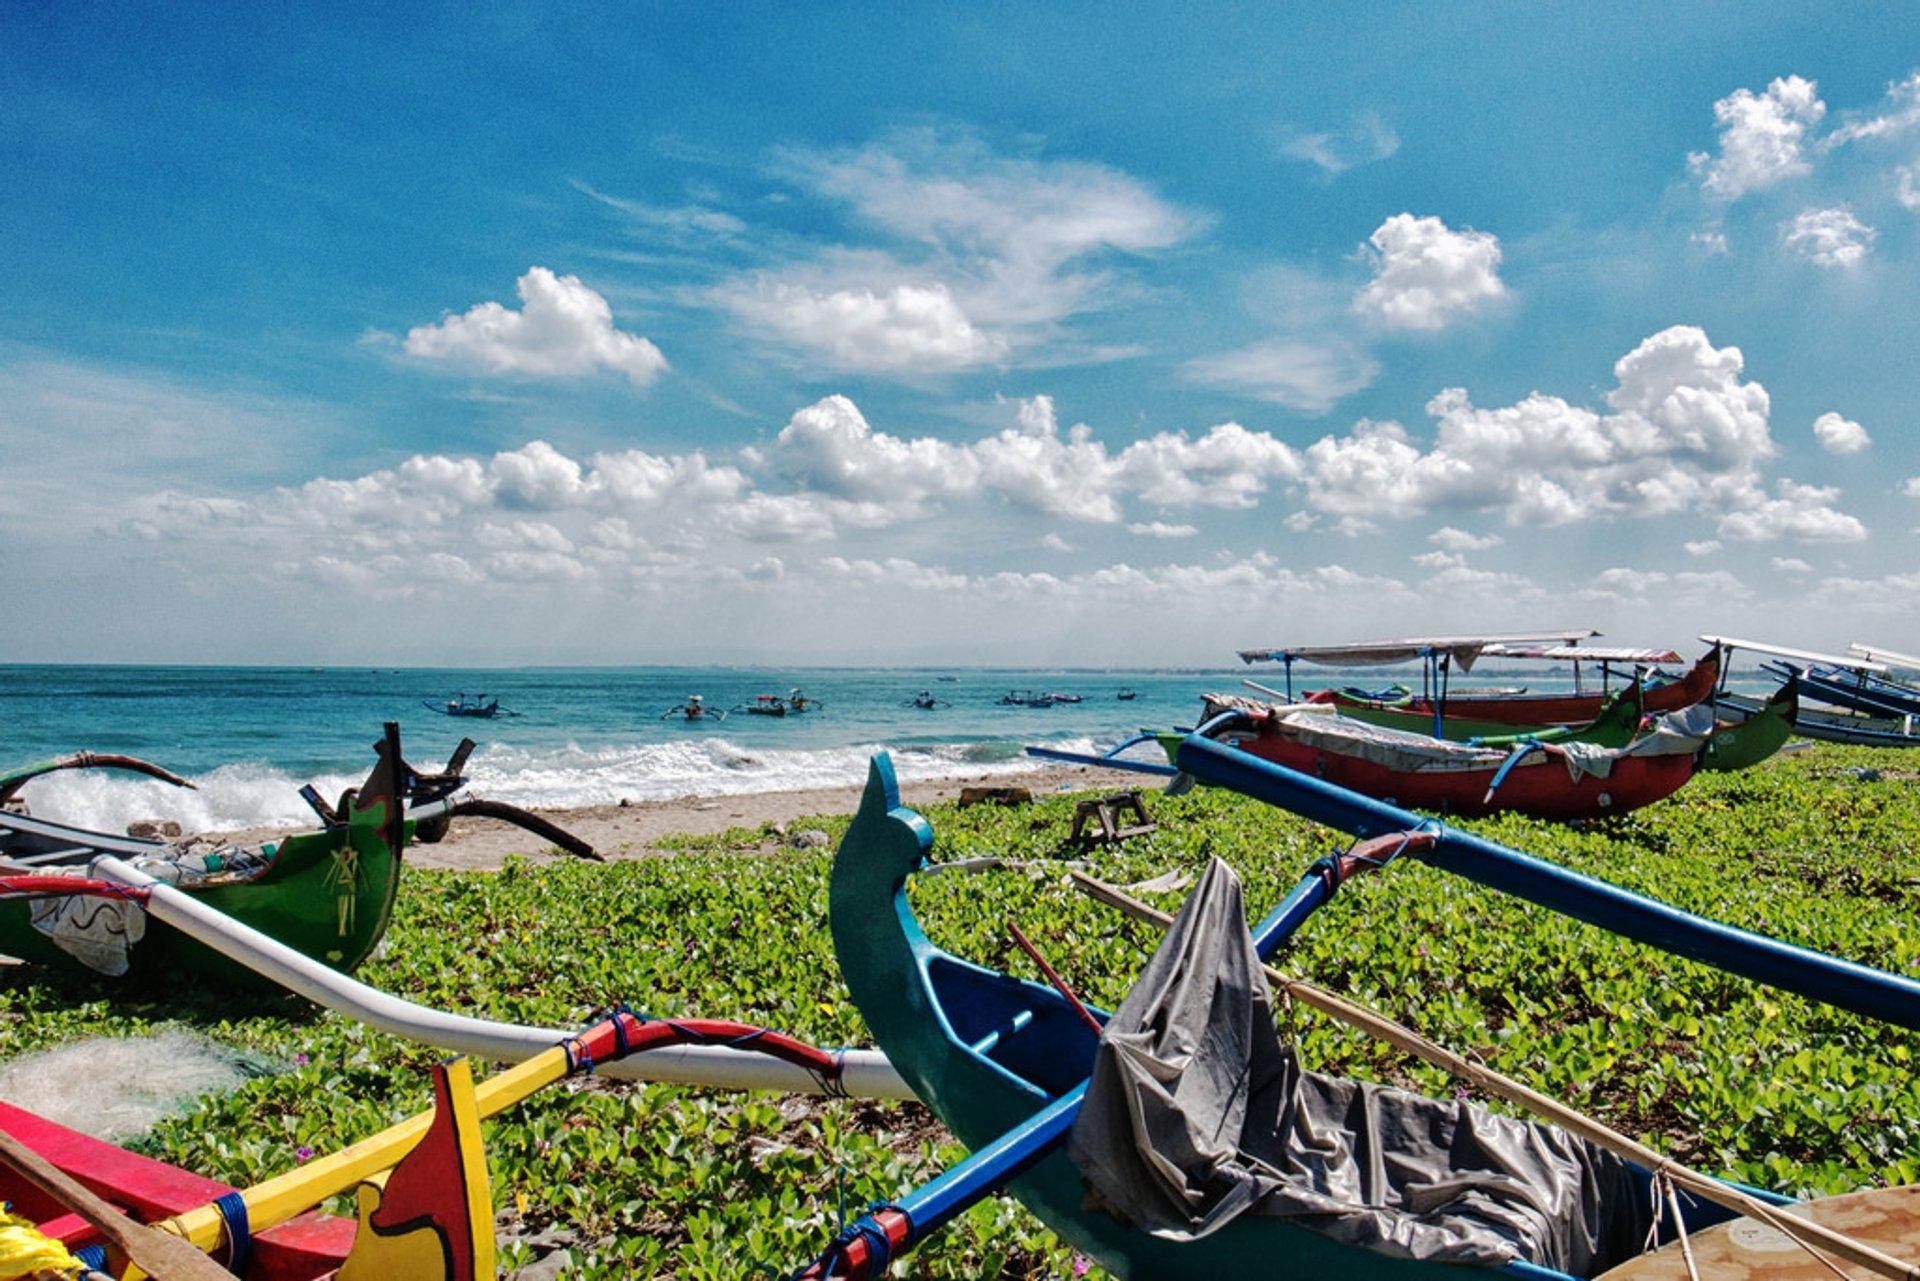 Dry Season in Bali - Best Season 2020